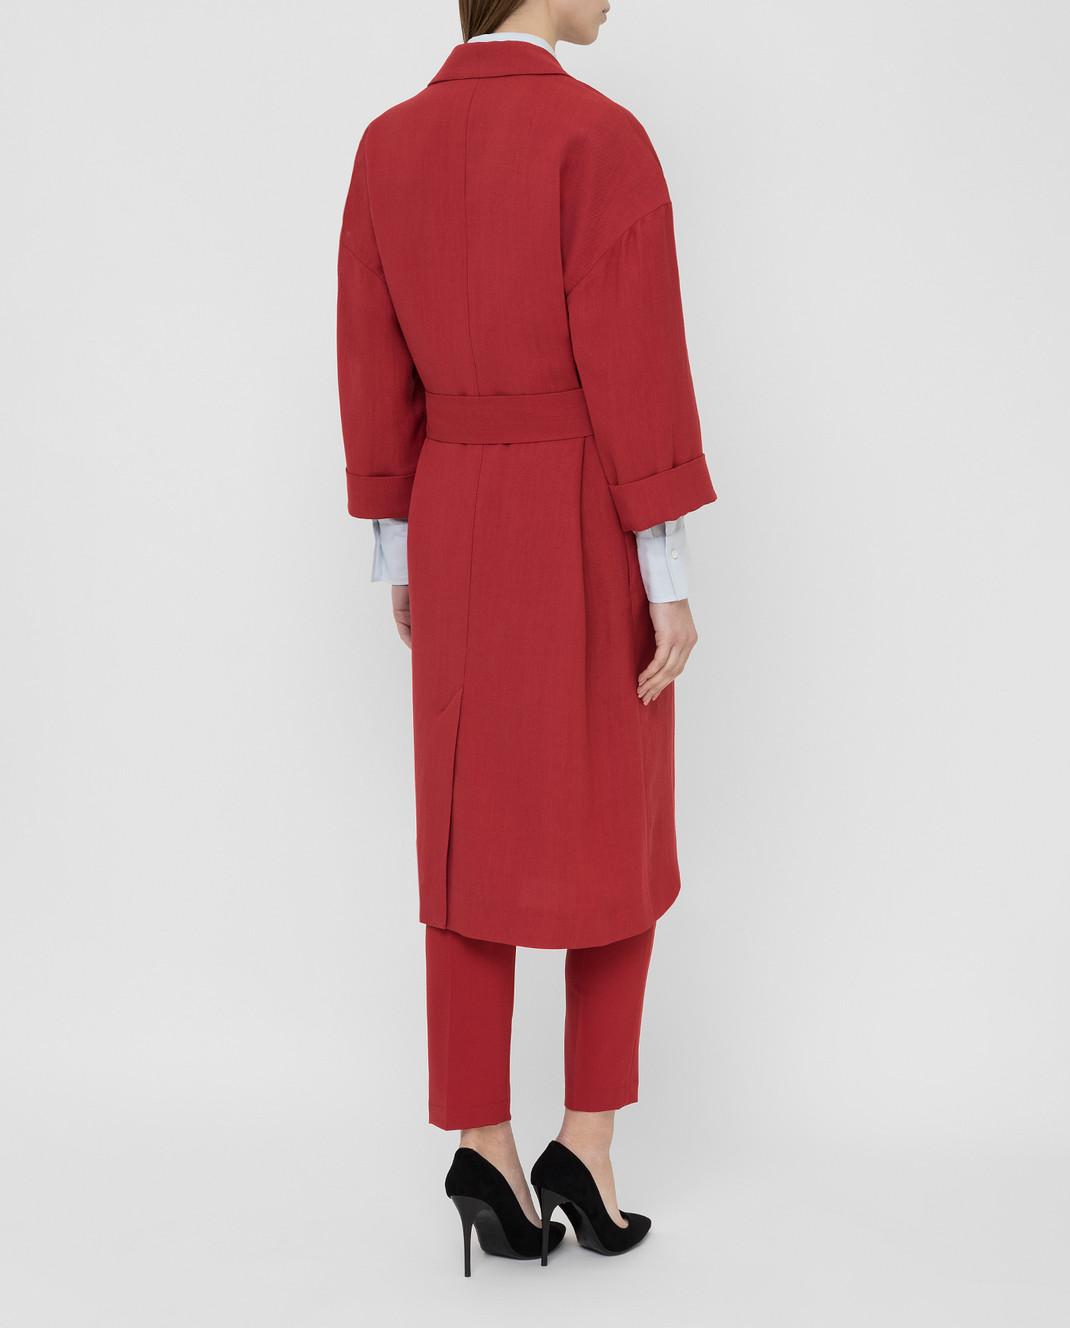 Brunello Cucinelli Красное пальто MH1269398 изображение 4